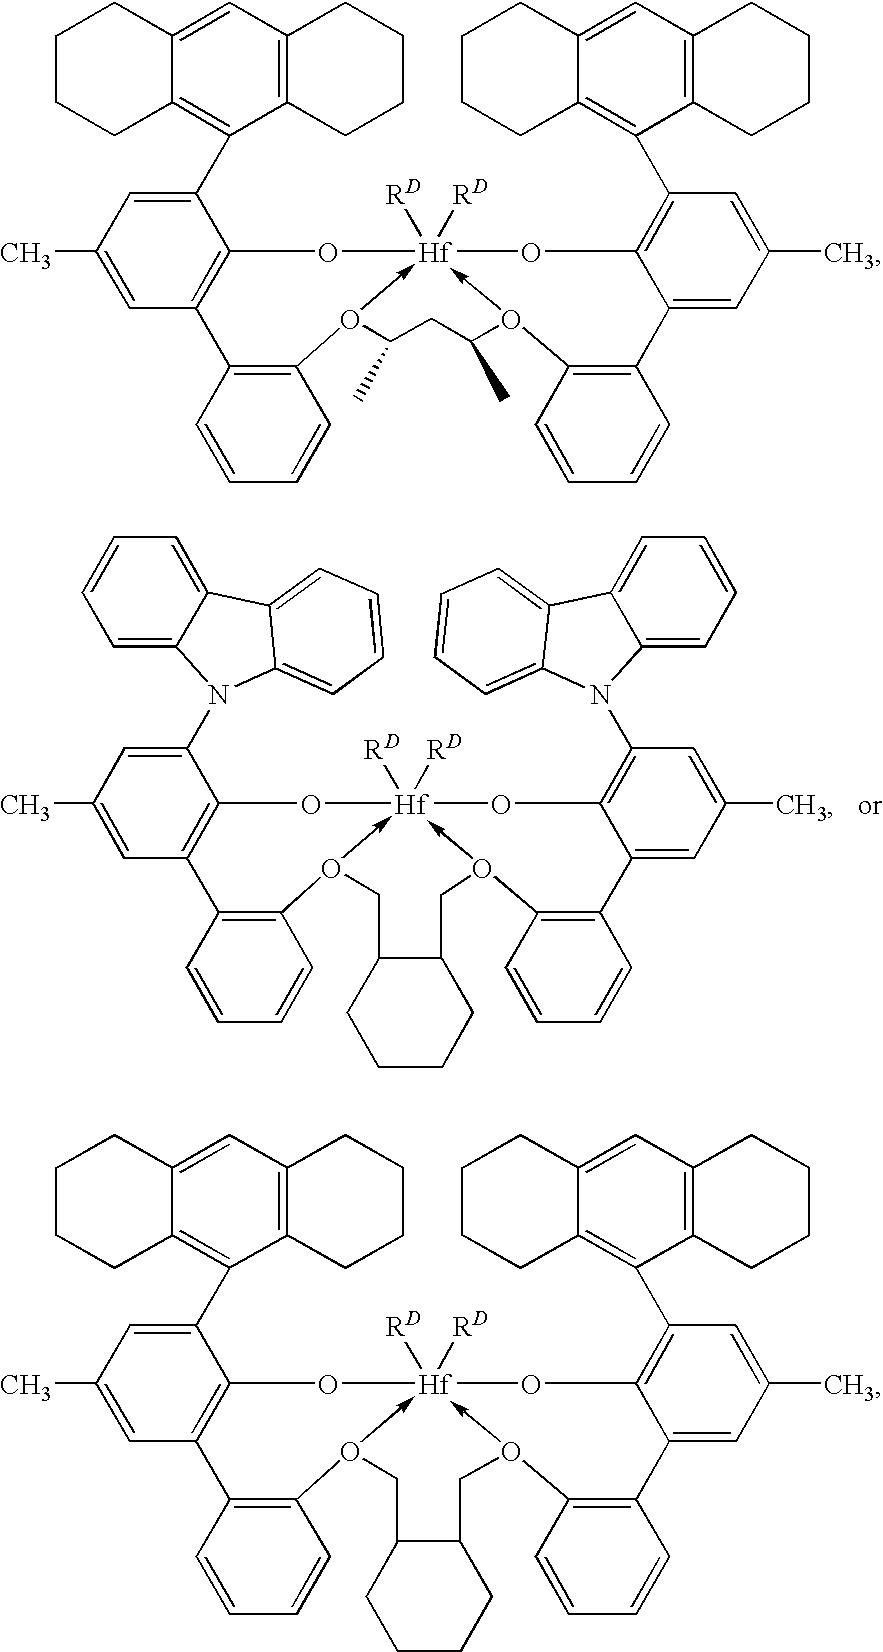 Figure US20090312509A1-20091217-C00007